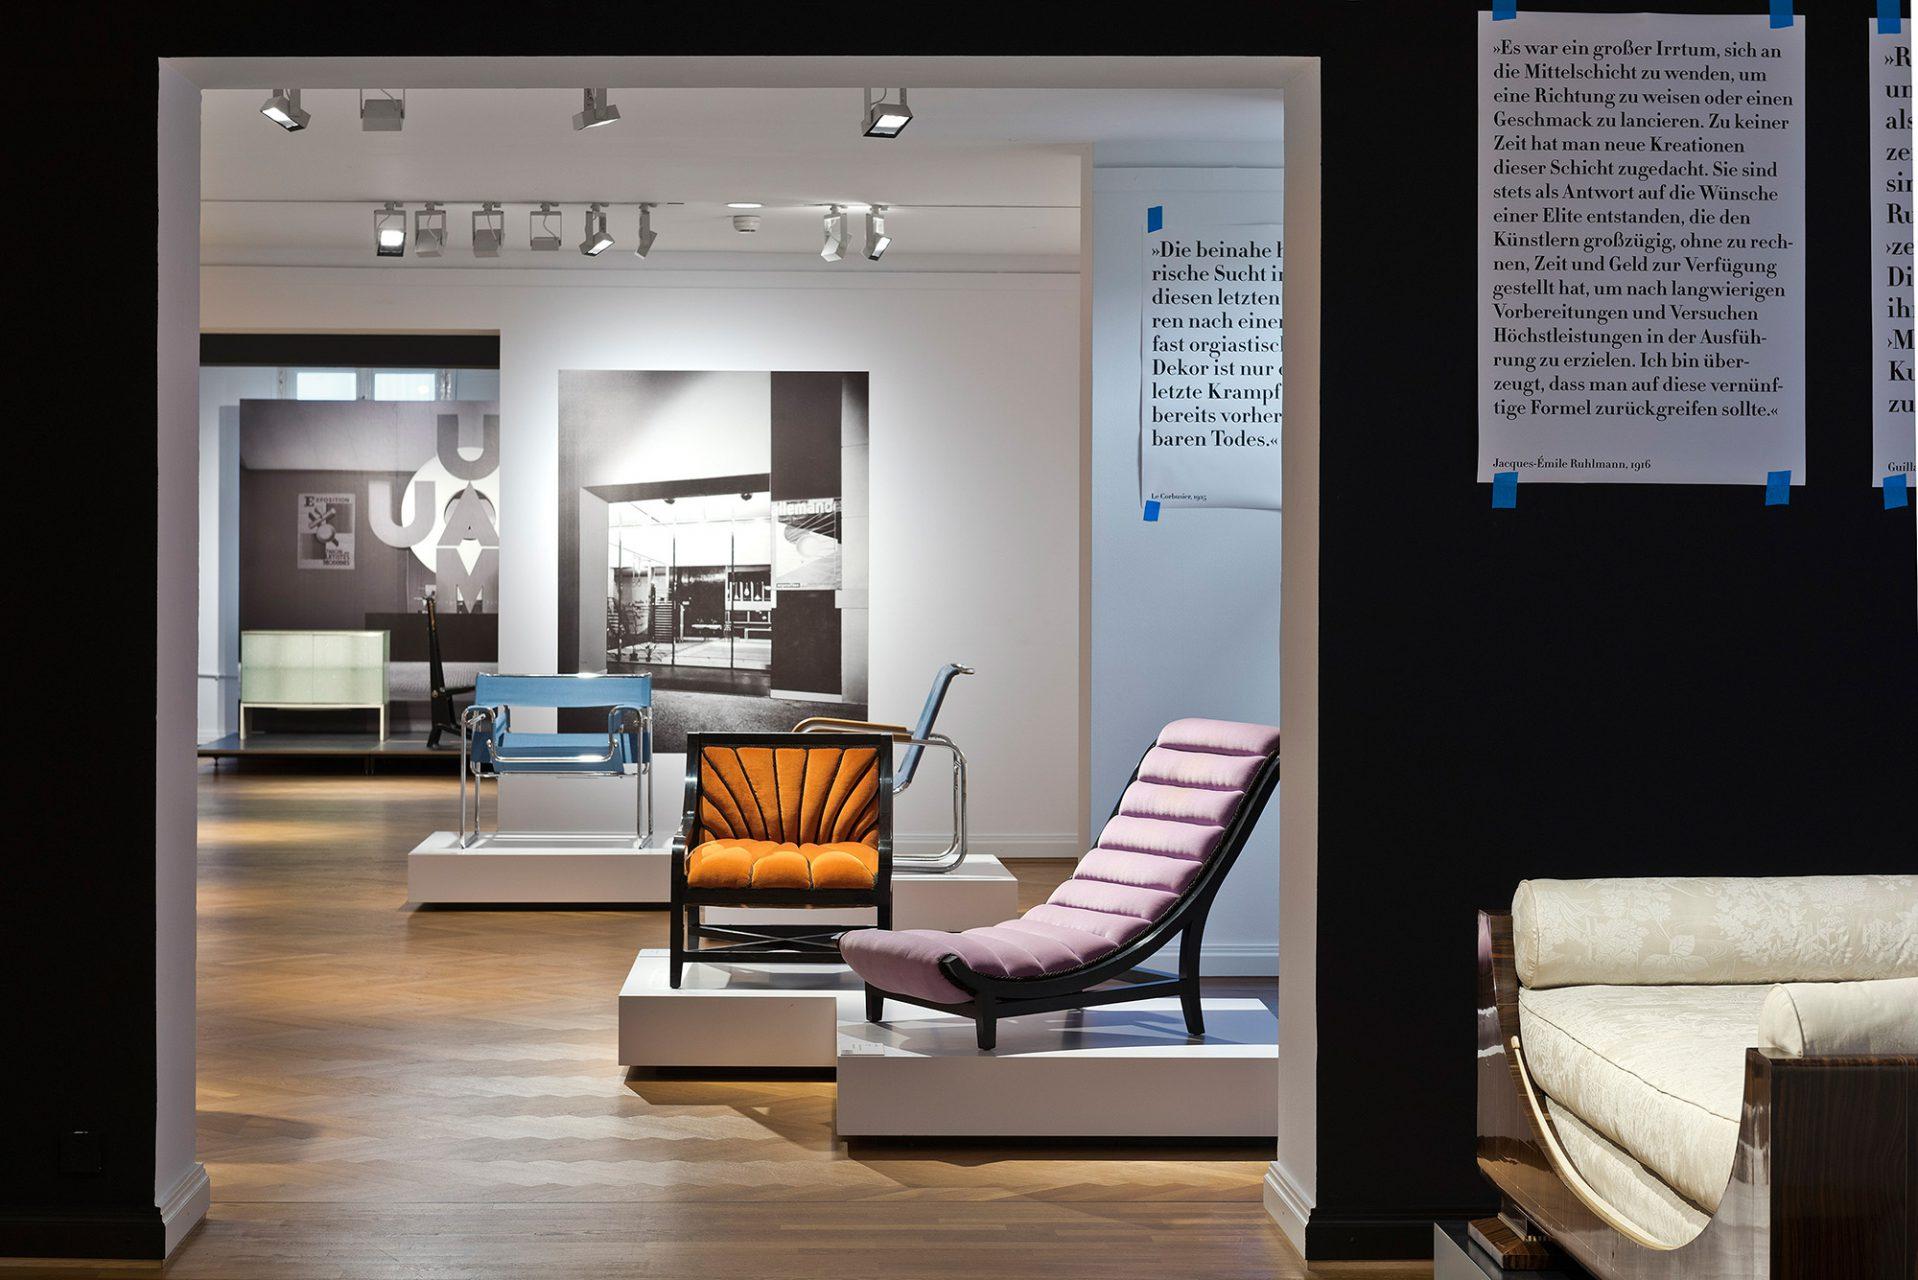 Paris 1930. Der Deutsche Werkbund erhielt 1930 die Einladung, ihre erneuerte Architektur- und Designsprache auf der Pariser Ausstellung